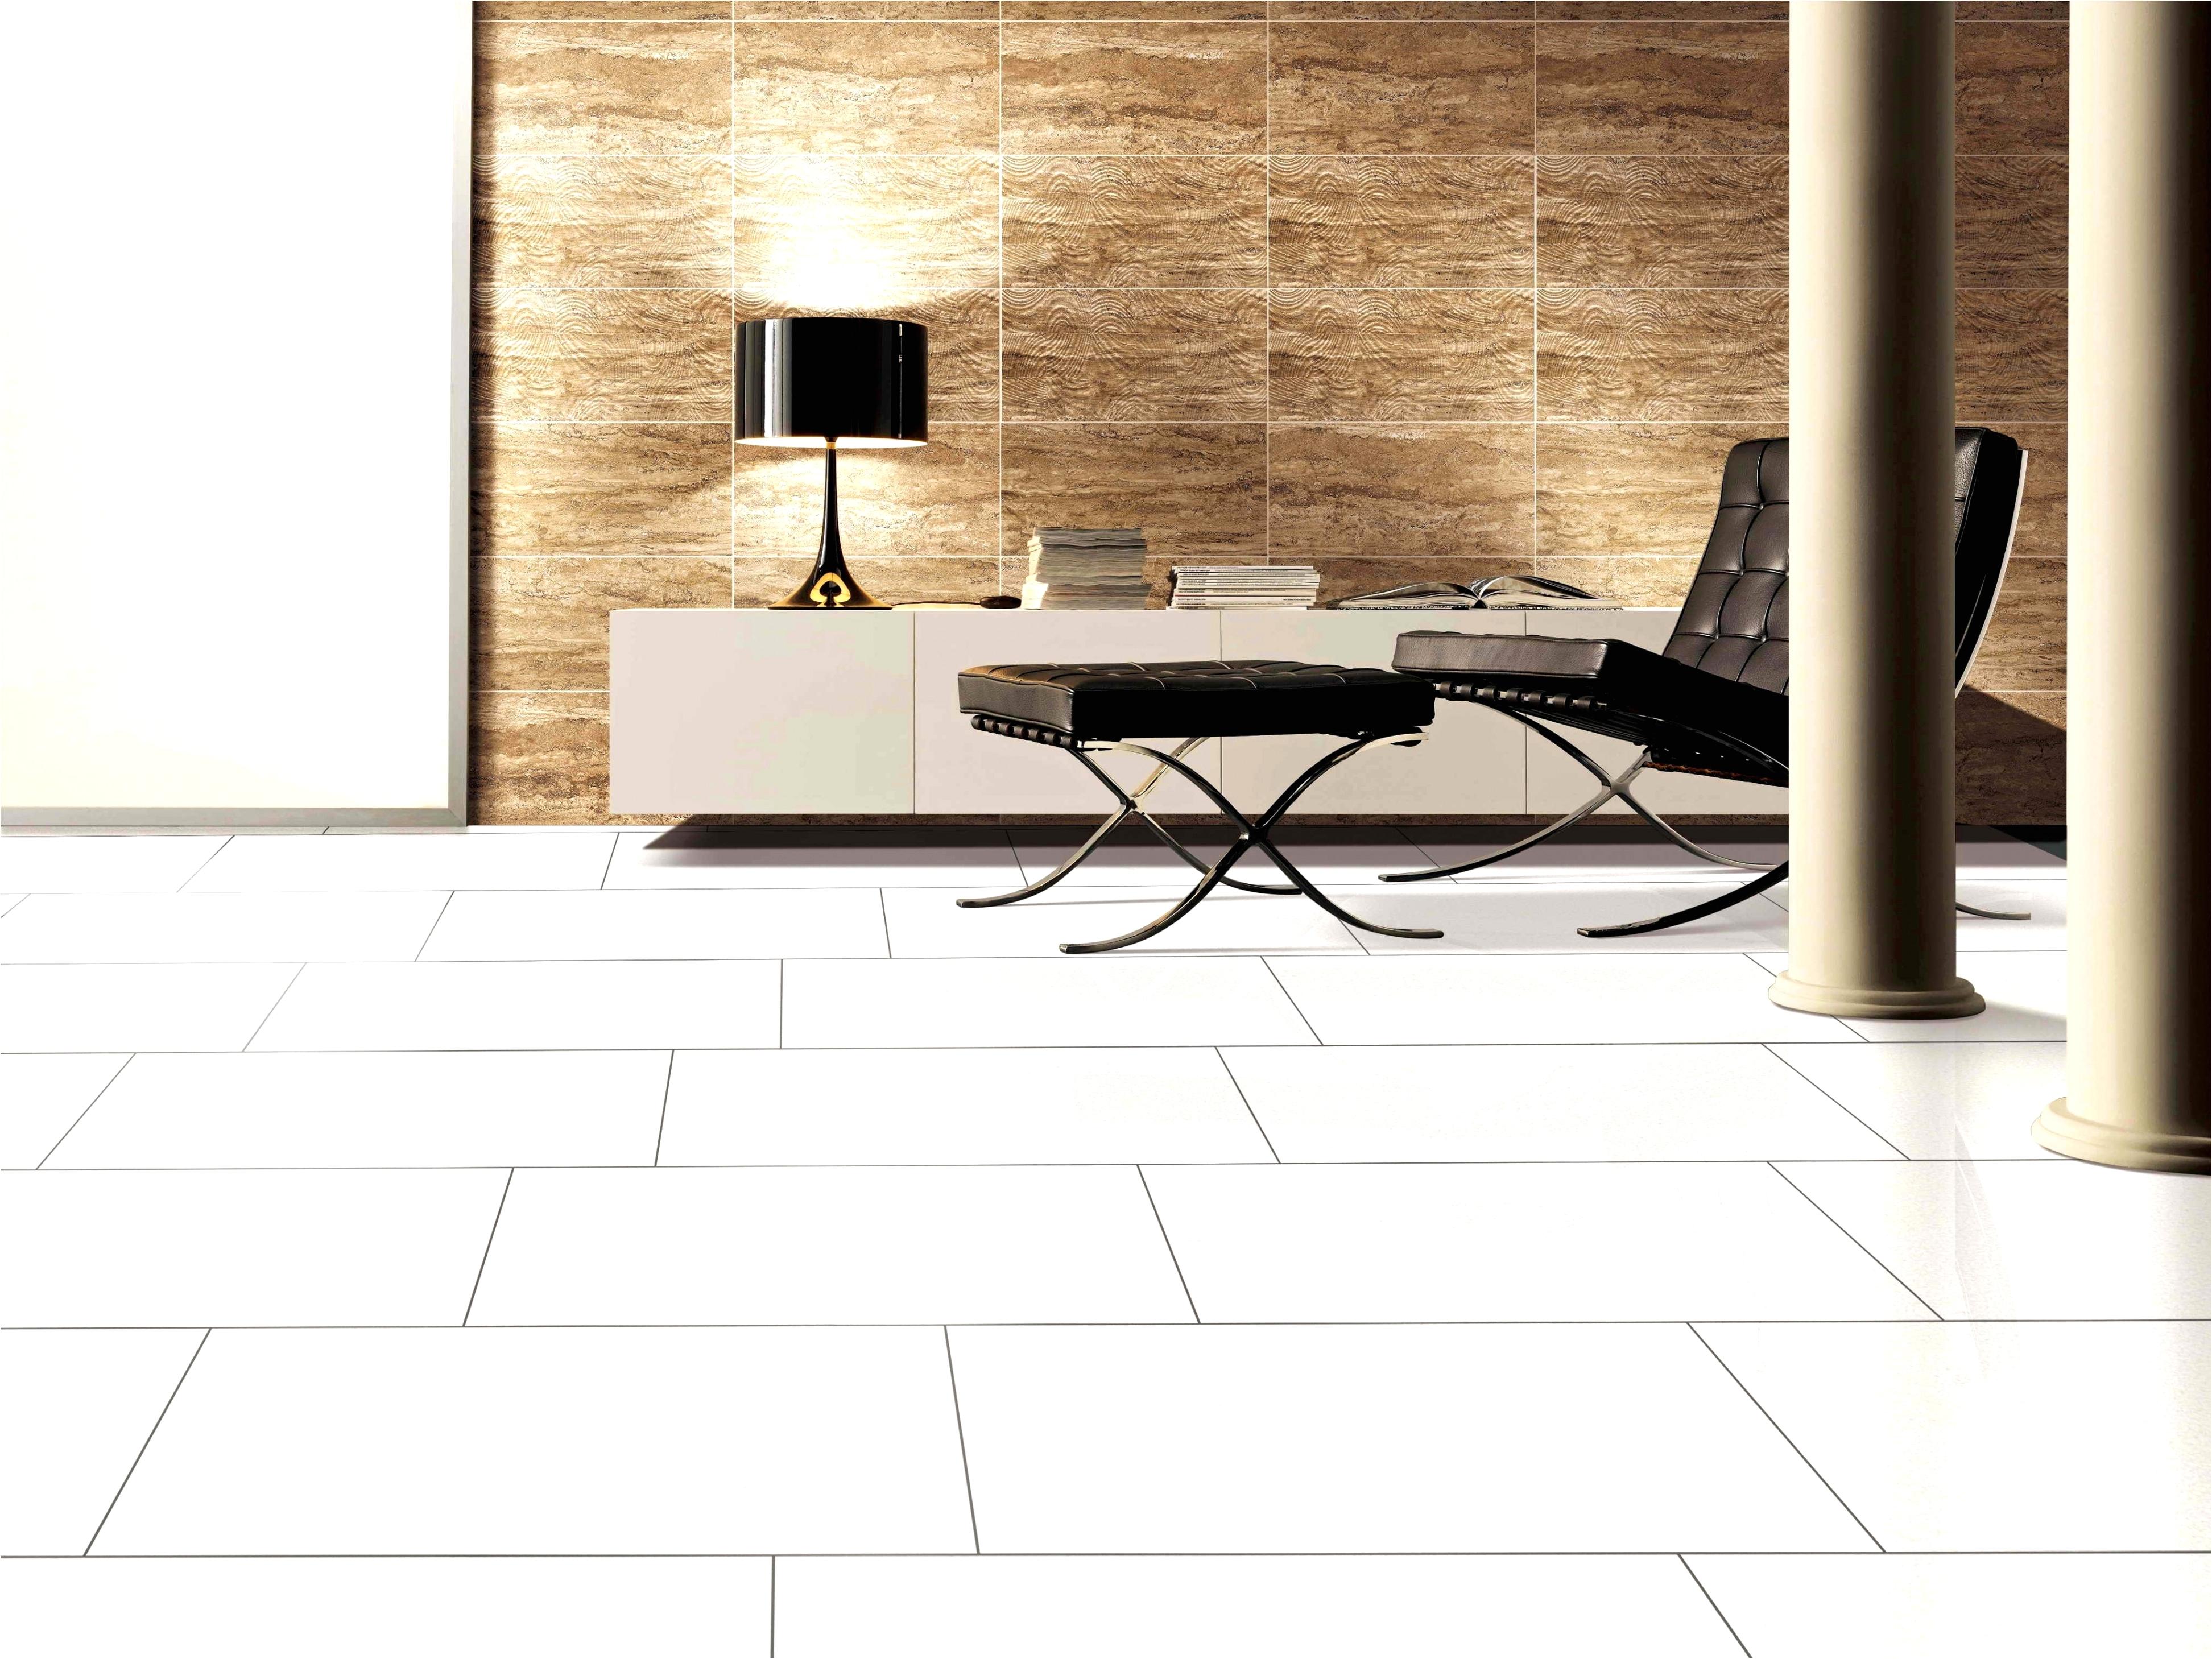 bathroom floor tile inspirational luxury new new tile floor heating lovely bmw e87 1er 04 07